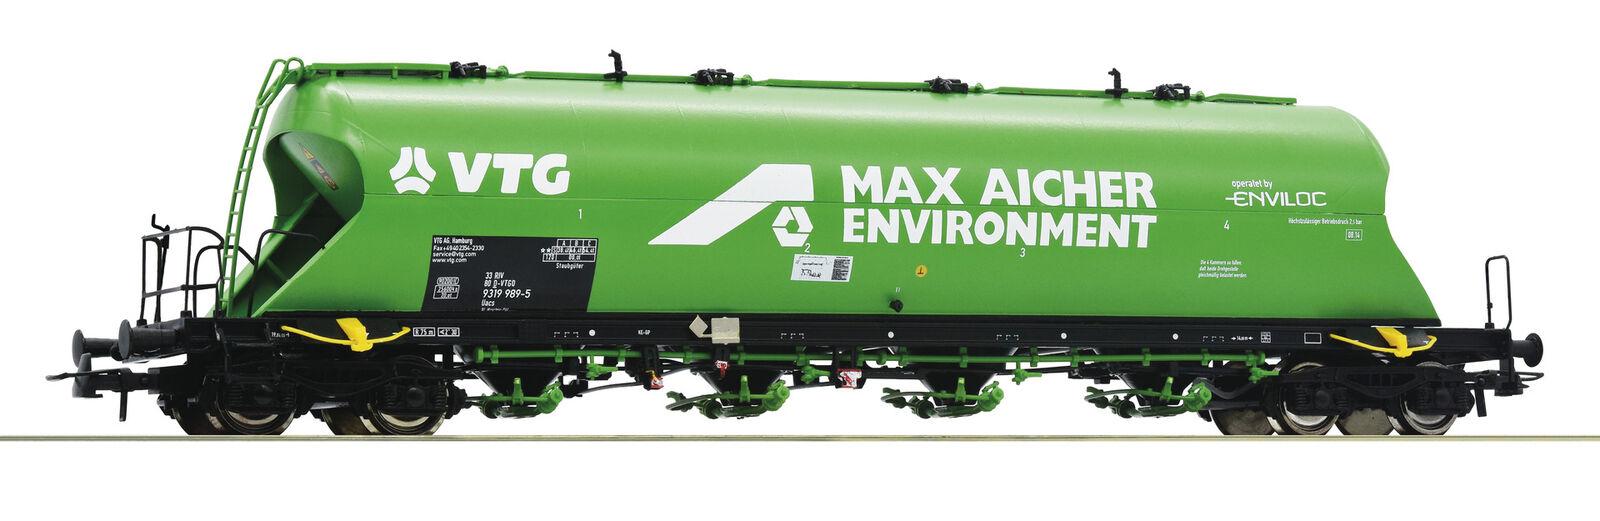 bajo precio Roco 76704 76704 76704 staubsilowag. uacs VTG verde DC  liquidación hasta el 70%